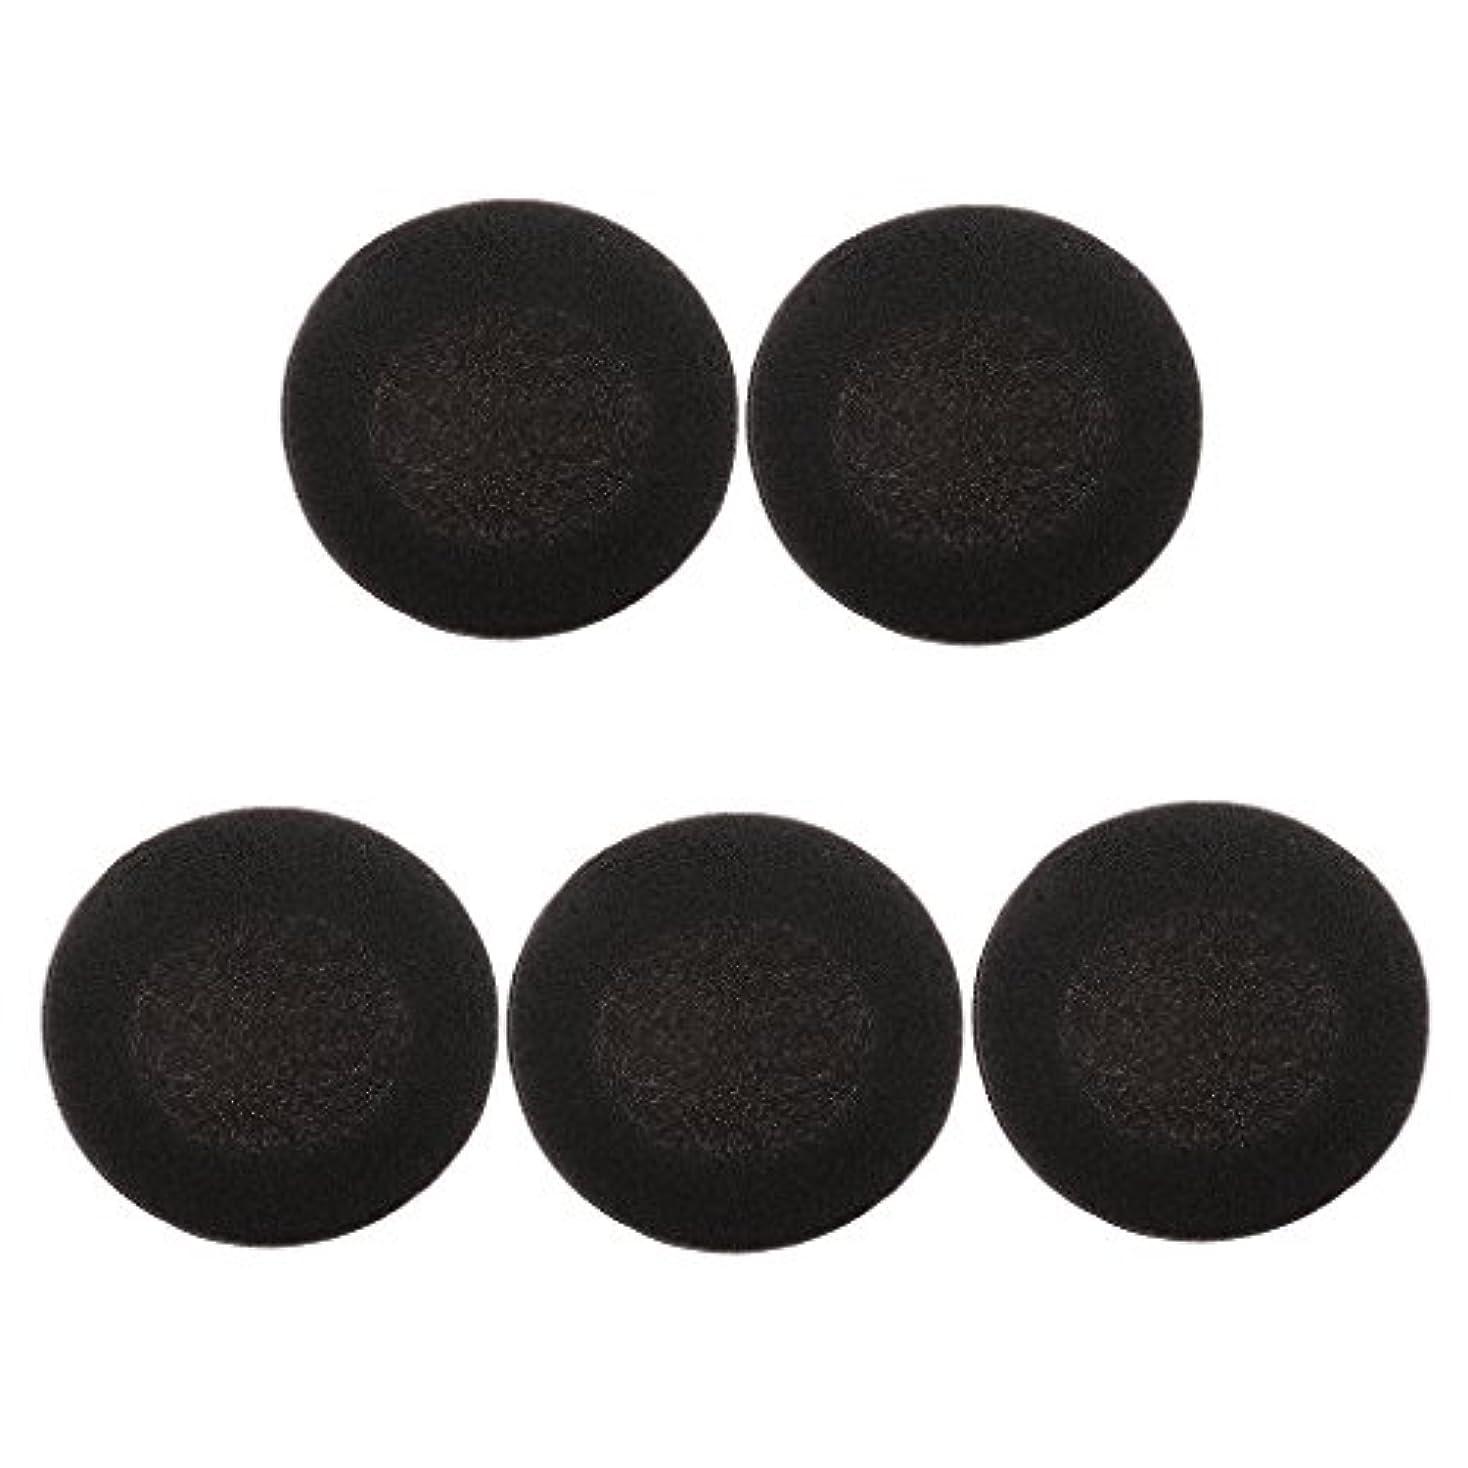 ショップ規則性リーガンKESOTO ヘッドセット マイク 風防 ウィンドスクリーン フォーム ウィンドシールド 5個